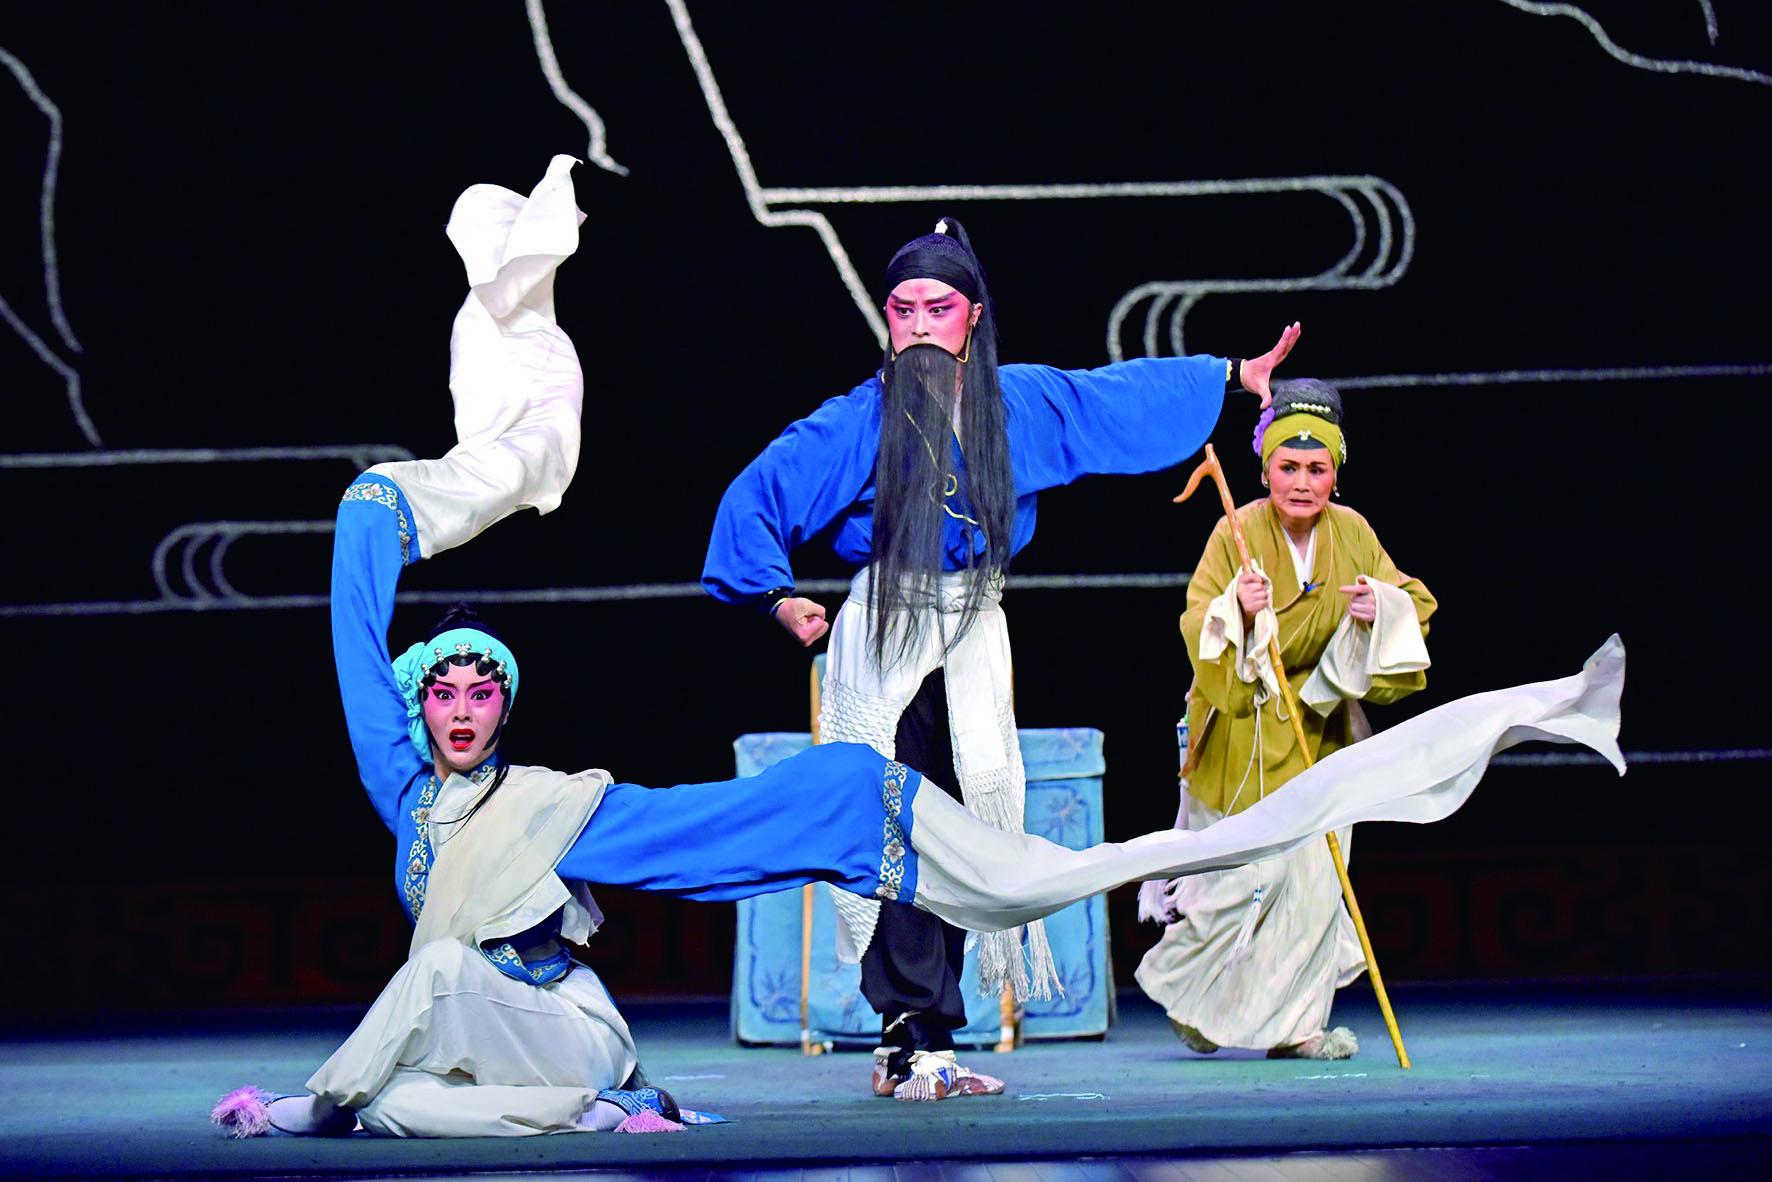 四川省川劇院《川劇傳統經典折戲專場》,要讓臺灣觀眾與戲曲界更為深入地認識川劇的多元藝術表現。.jpg